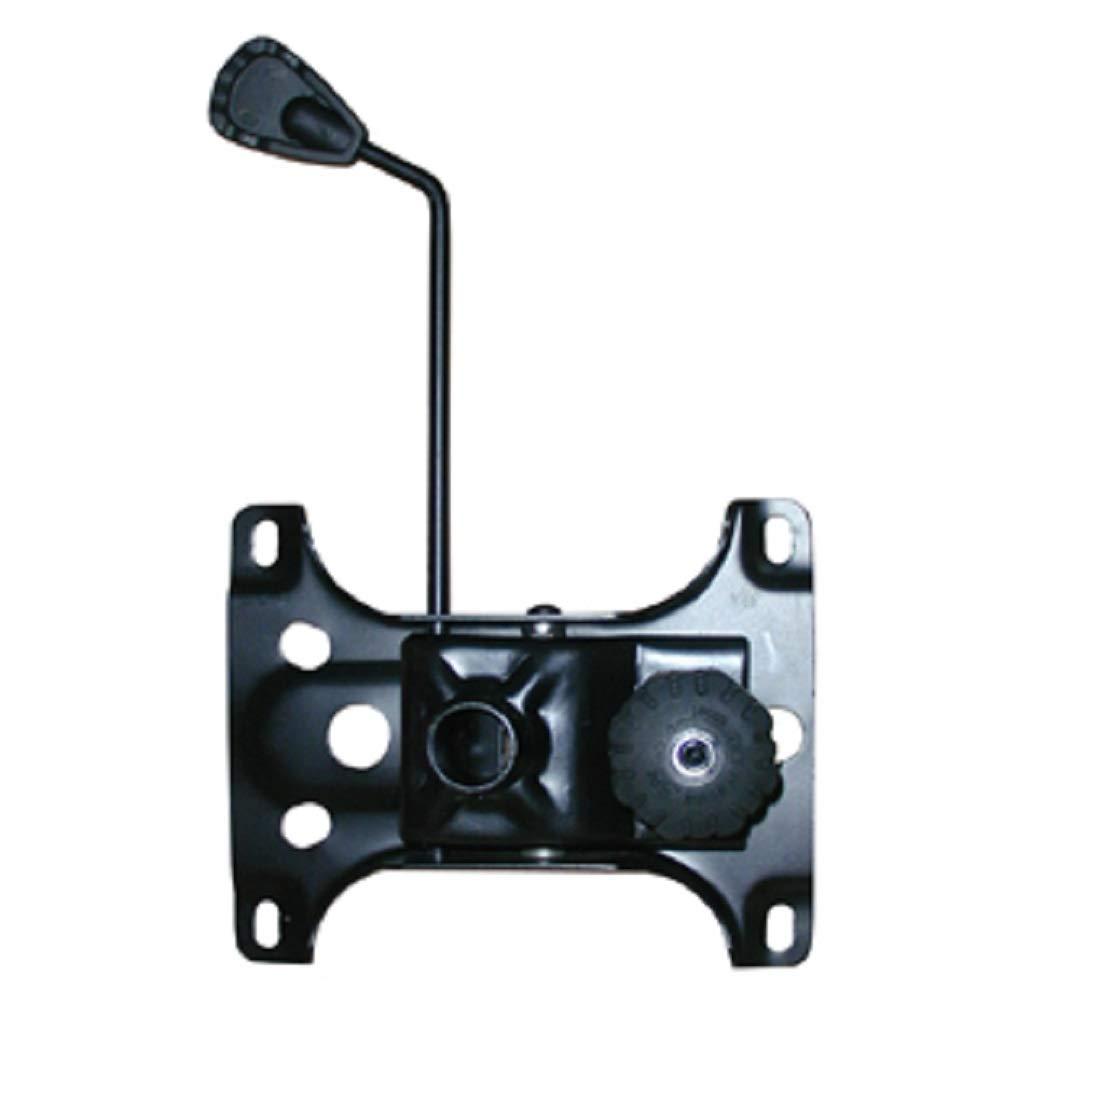 BiMi Palanca Silla Oficina Bloqueo Inclinación Repuesto Mecanismo Placa 150 x 255: Amazon.es: Hogar